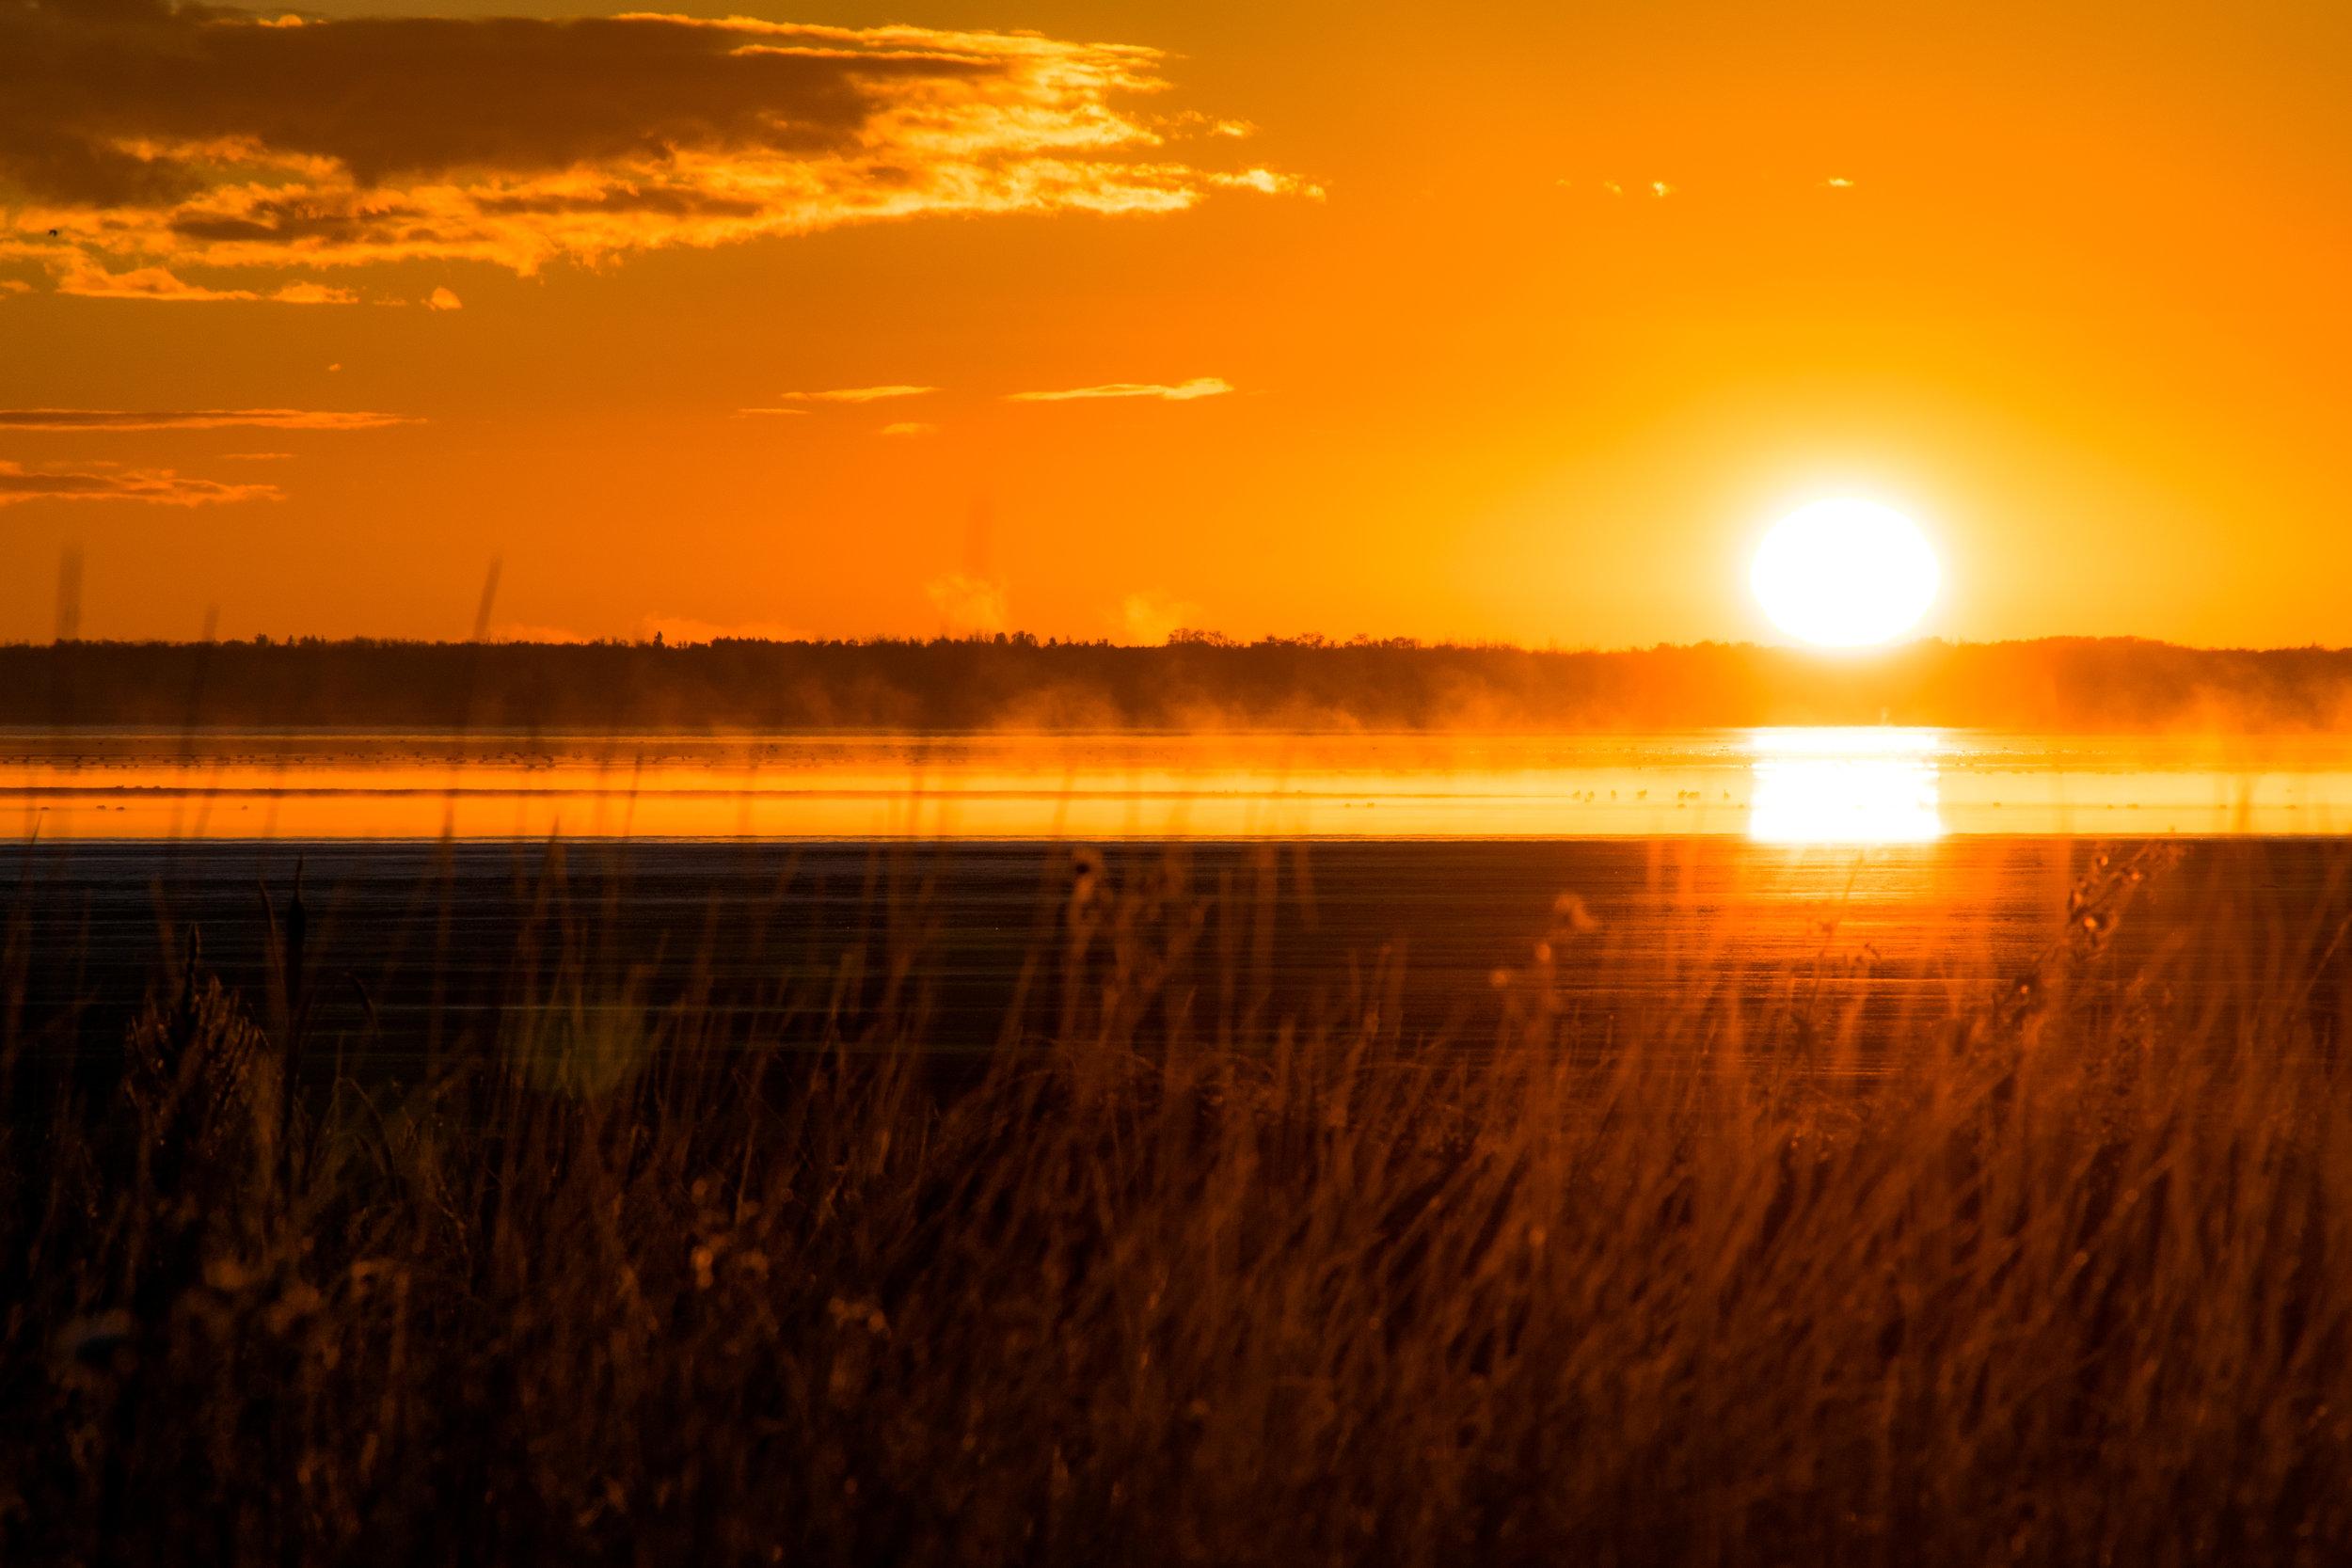 sunrise93-033.jpg